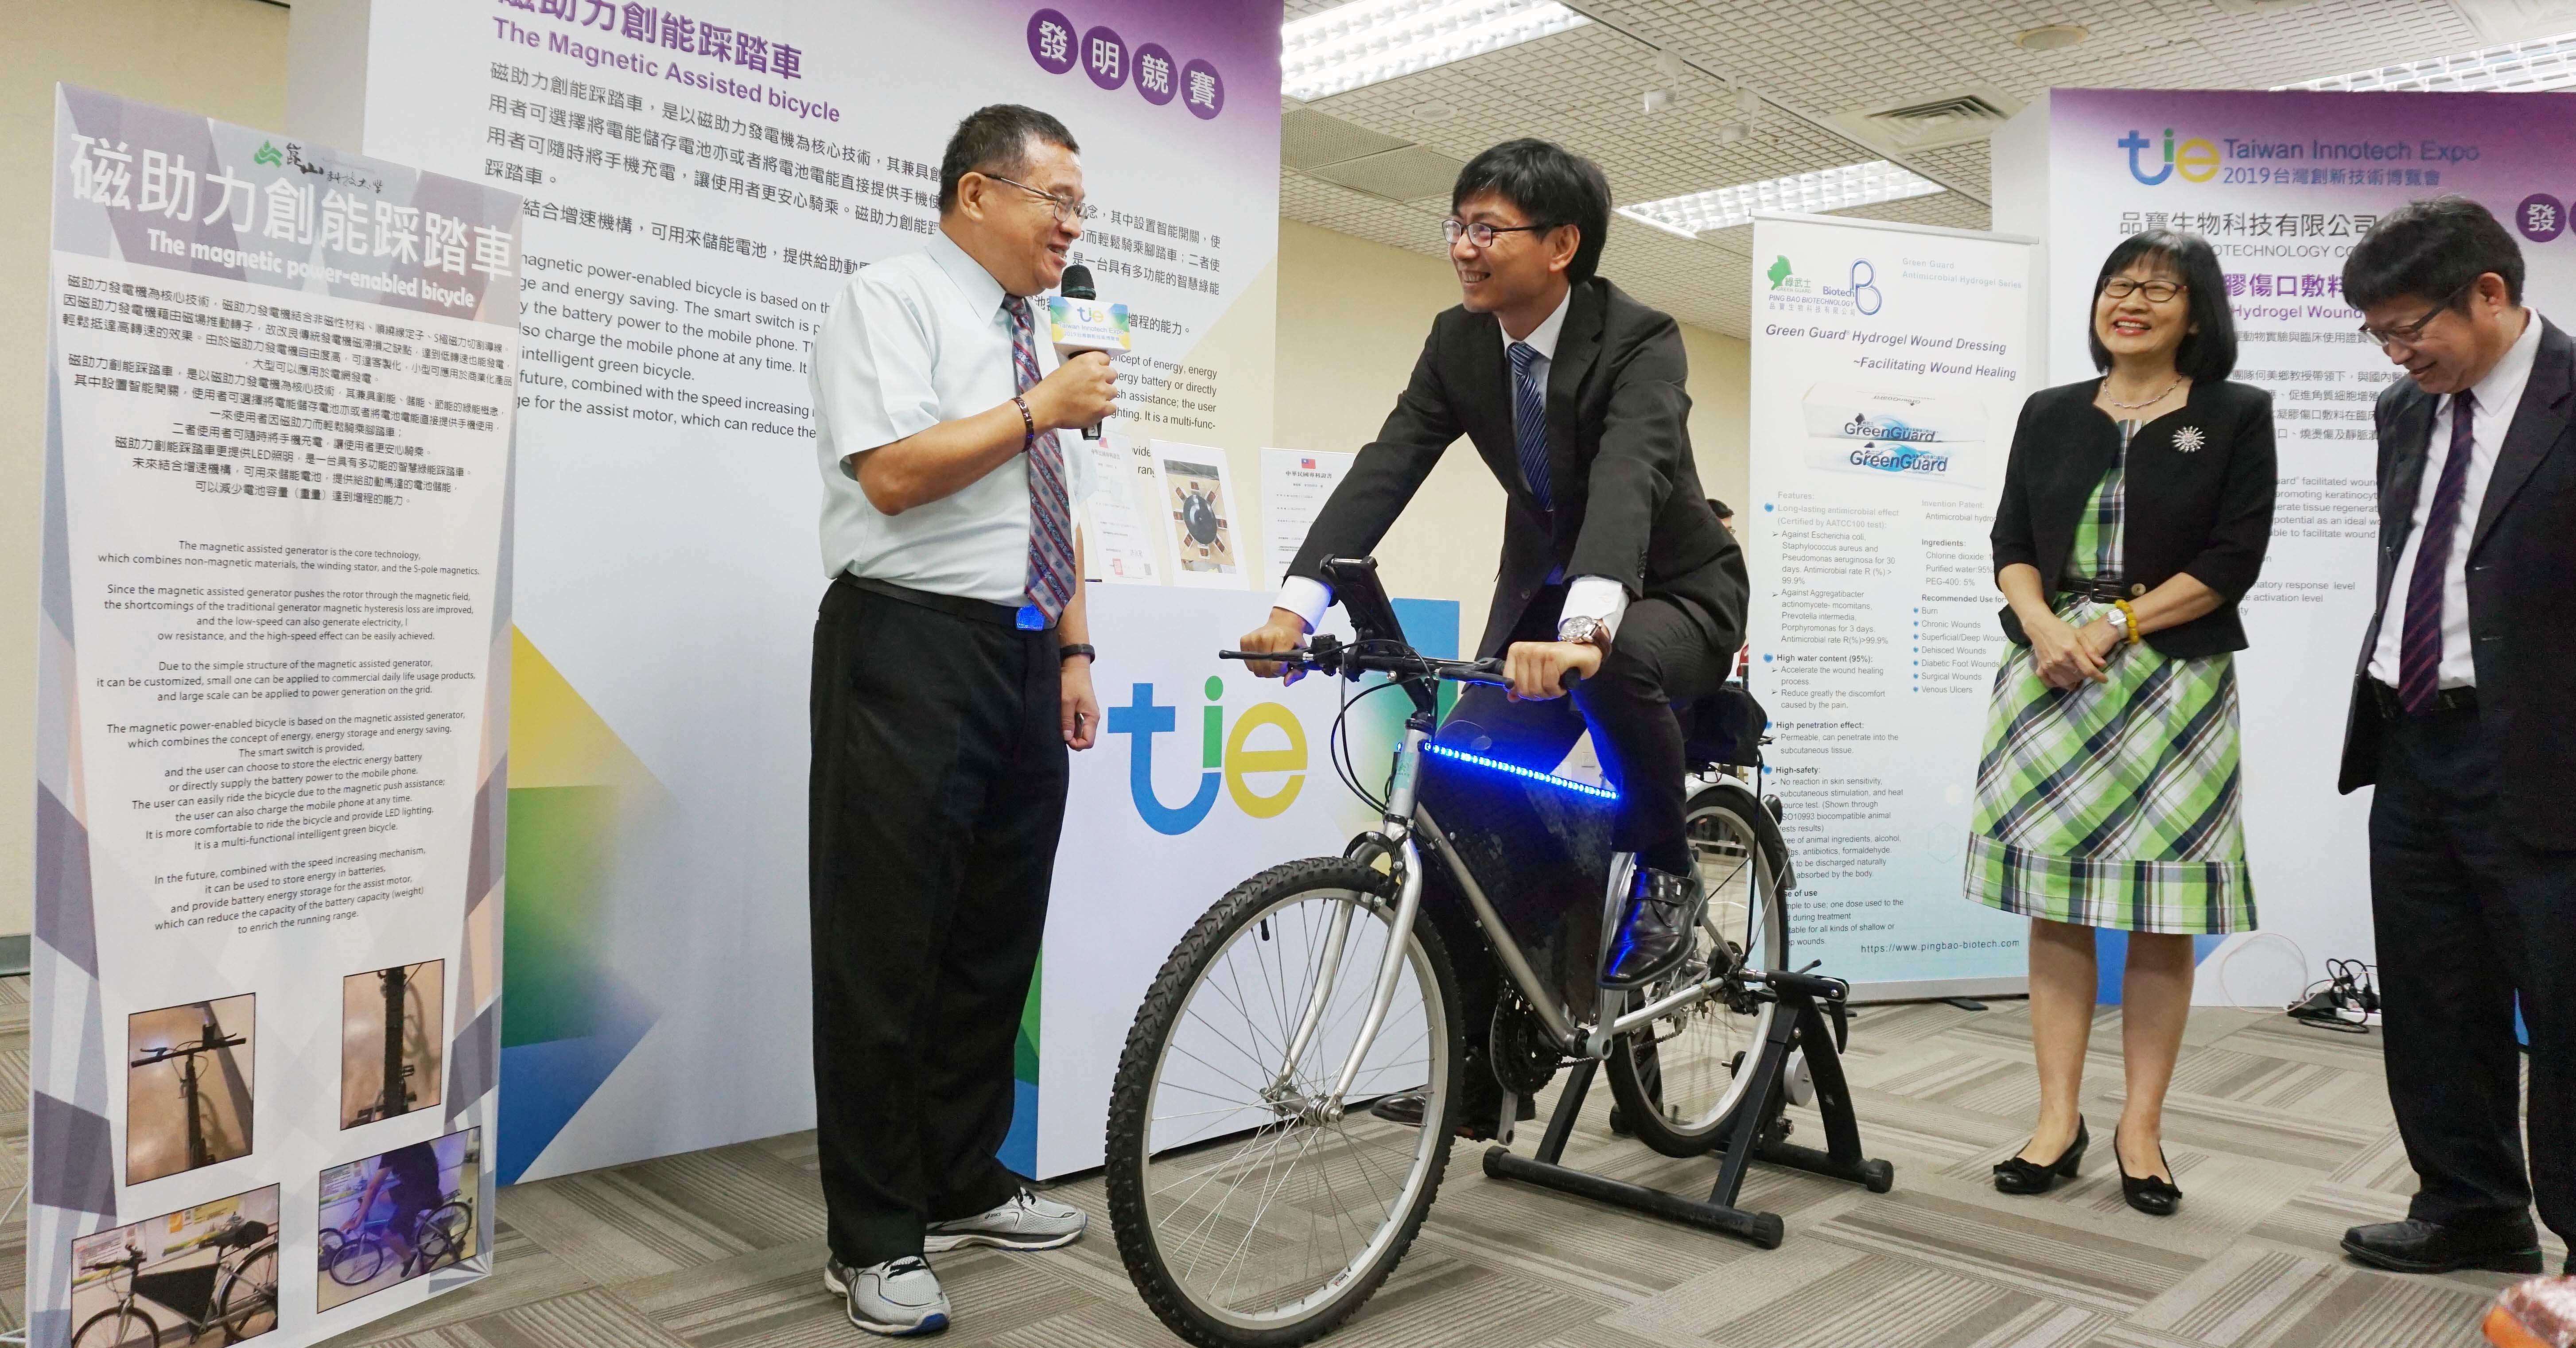 2019台灣創新技術博覽會正式登場 跟著癮特務一睹全台最新技術